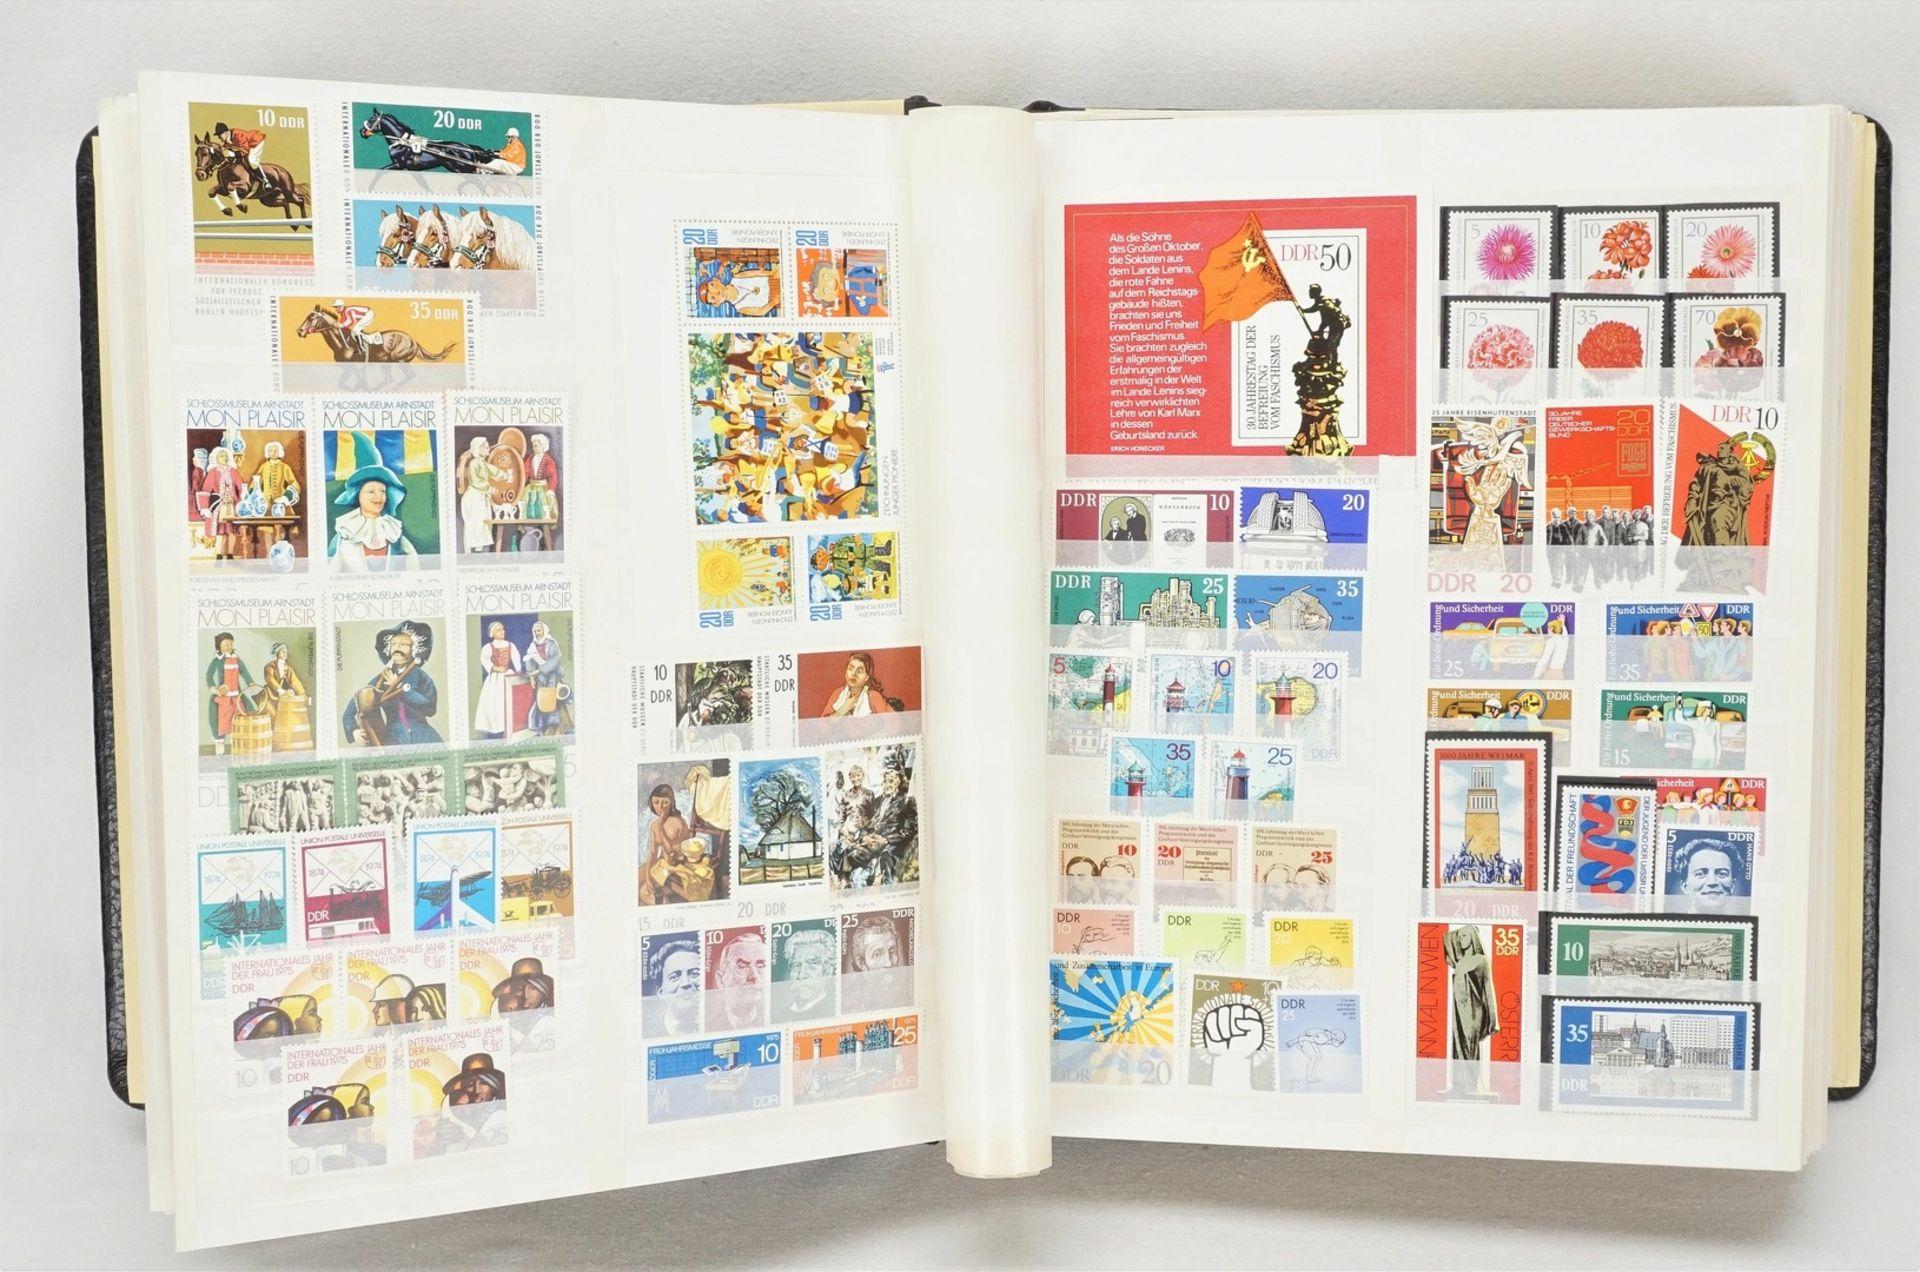 Ca. 1685 Briefmarken, Blocks und Ersttagsbriefe (FDCs), DDR - Bild 3 aus 3